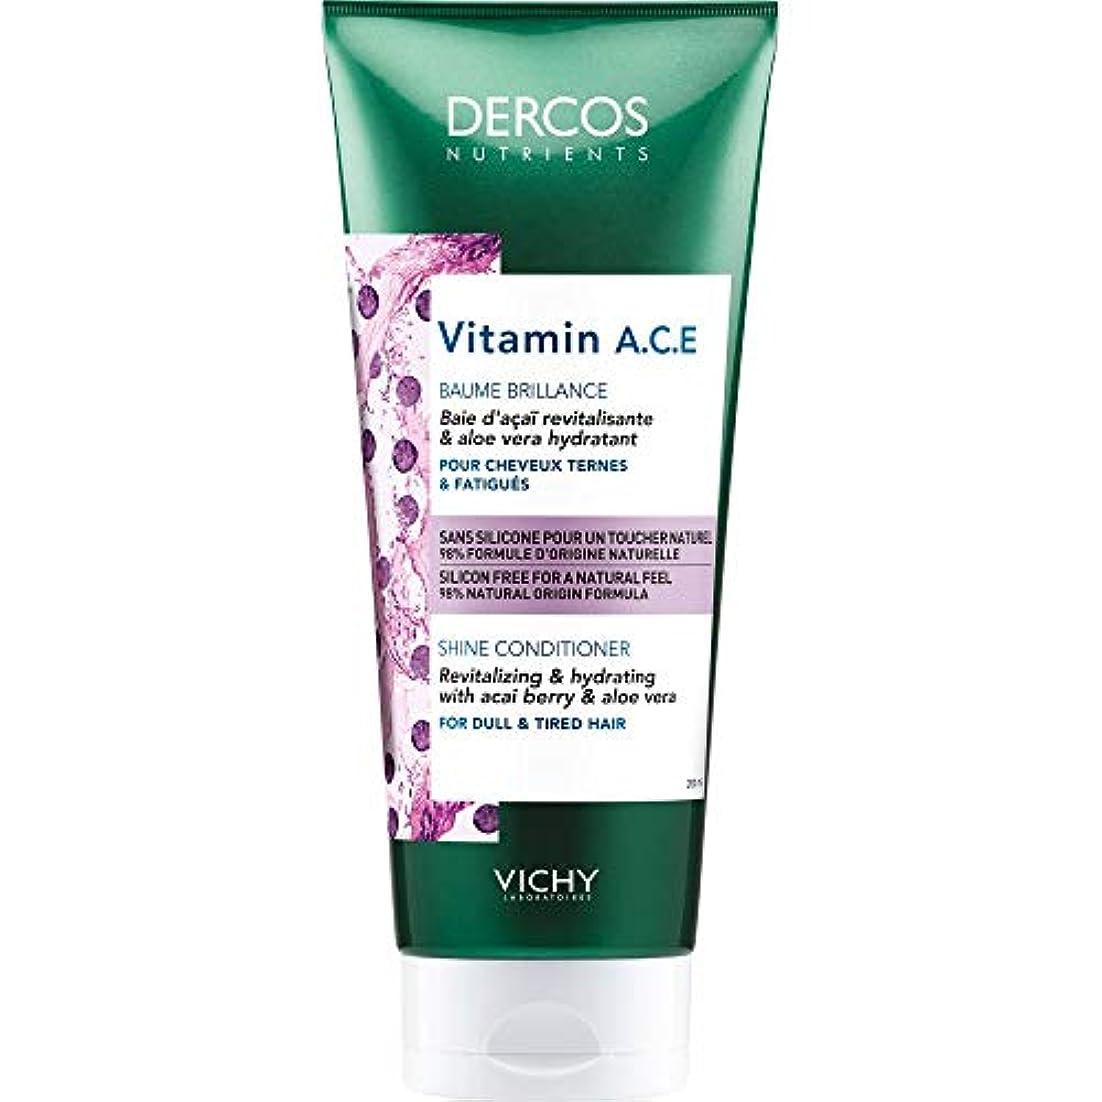 経過害虫省略する[Vichy ] 栄養素のビタミンA.C.E輝きコンディショナー200Ml Dercosヴィシー - Vichy Dercos Nutrients Vitamin A.C.E Shine Conditioner 200ml...